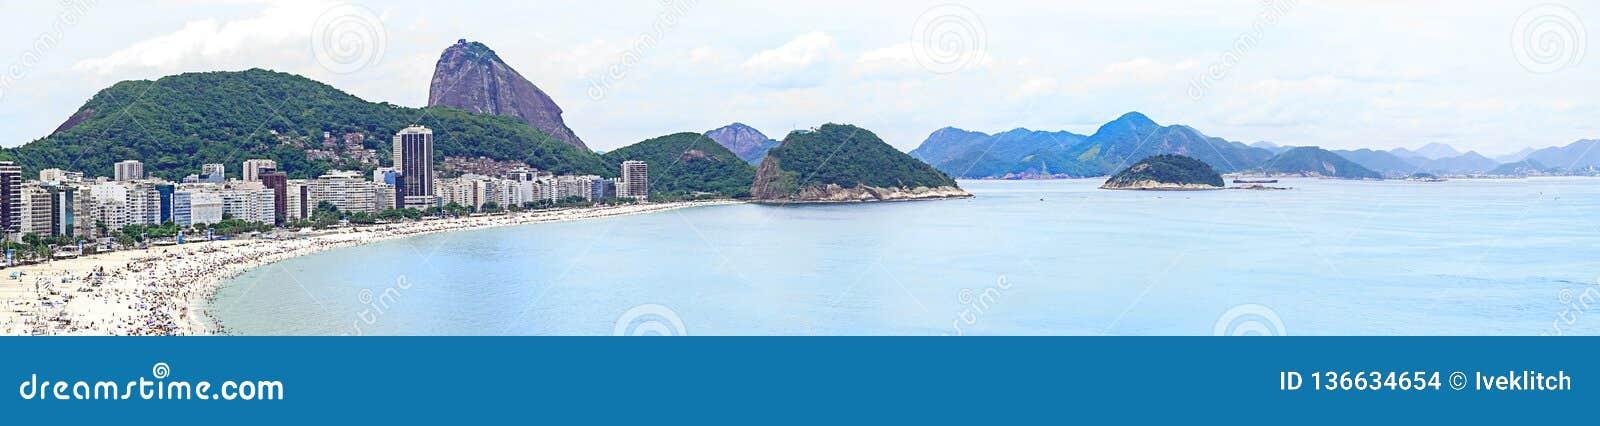 Ρίο ντε Τζανέιρο, Βραζιλία - 01 01 2019 παραλία Copacabana στο Ρίο ντε Τζανέιρο, Βραζιλία Εναέρια άποψη της αμμώδους παραλίας Cop